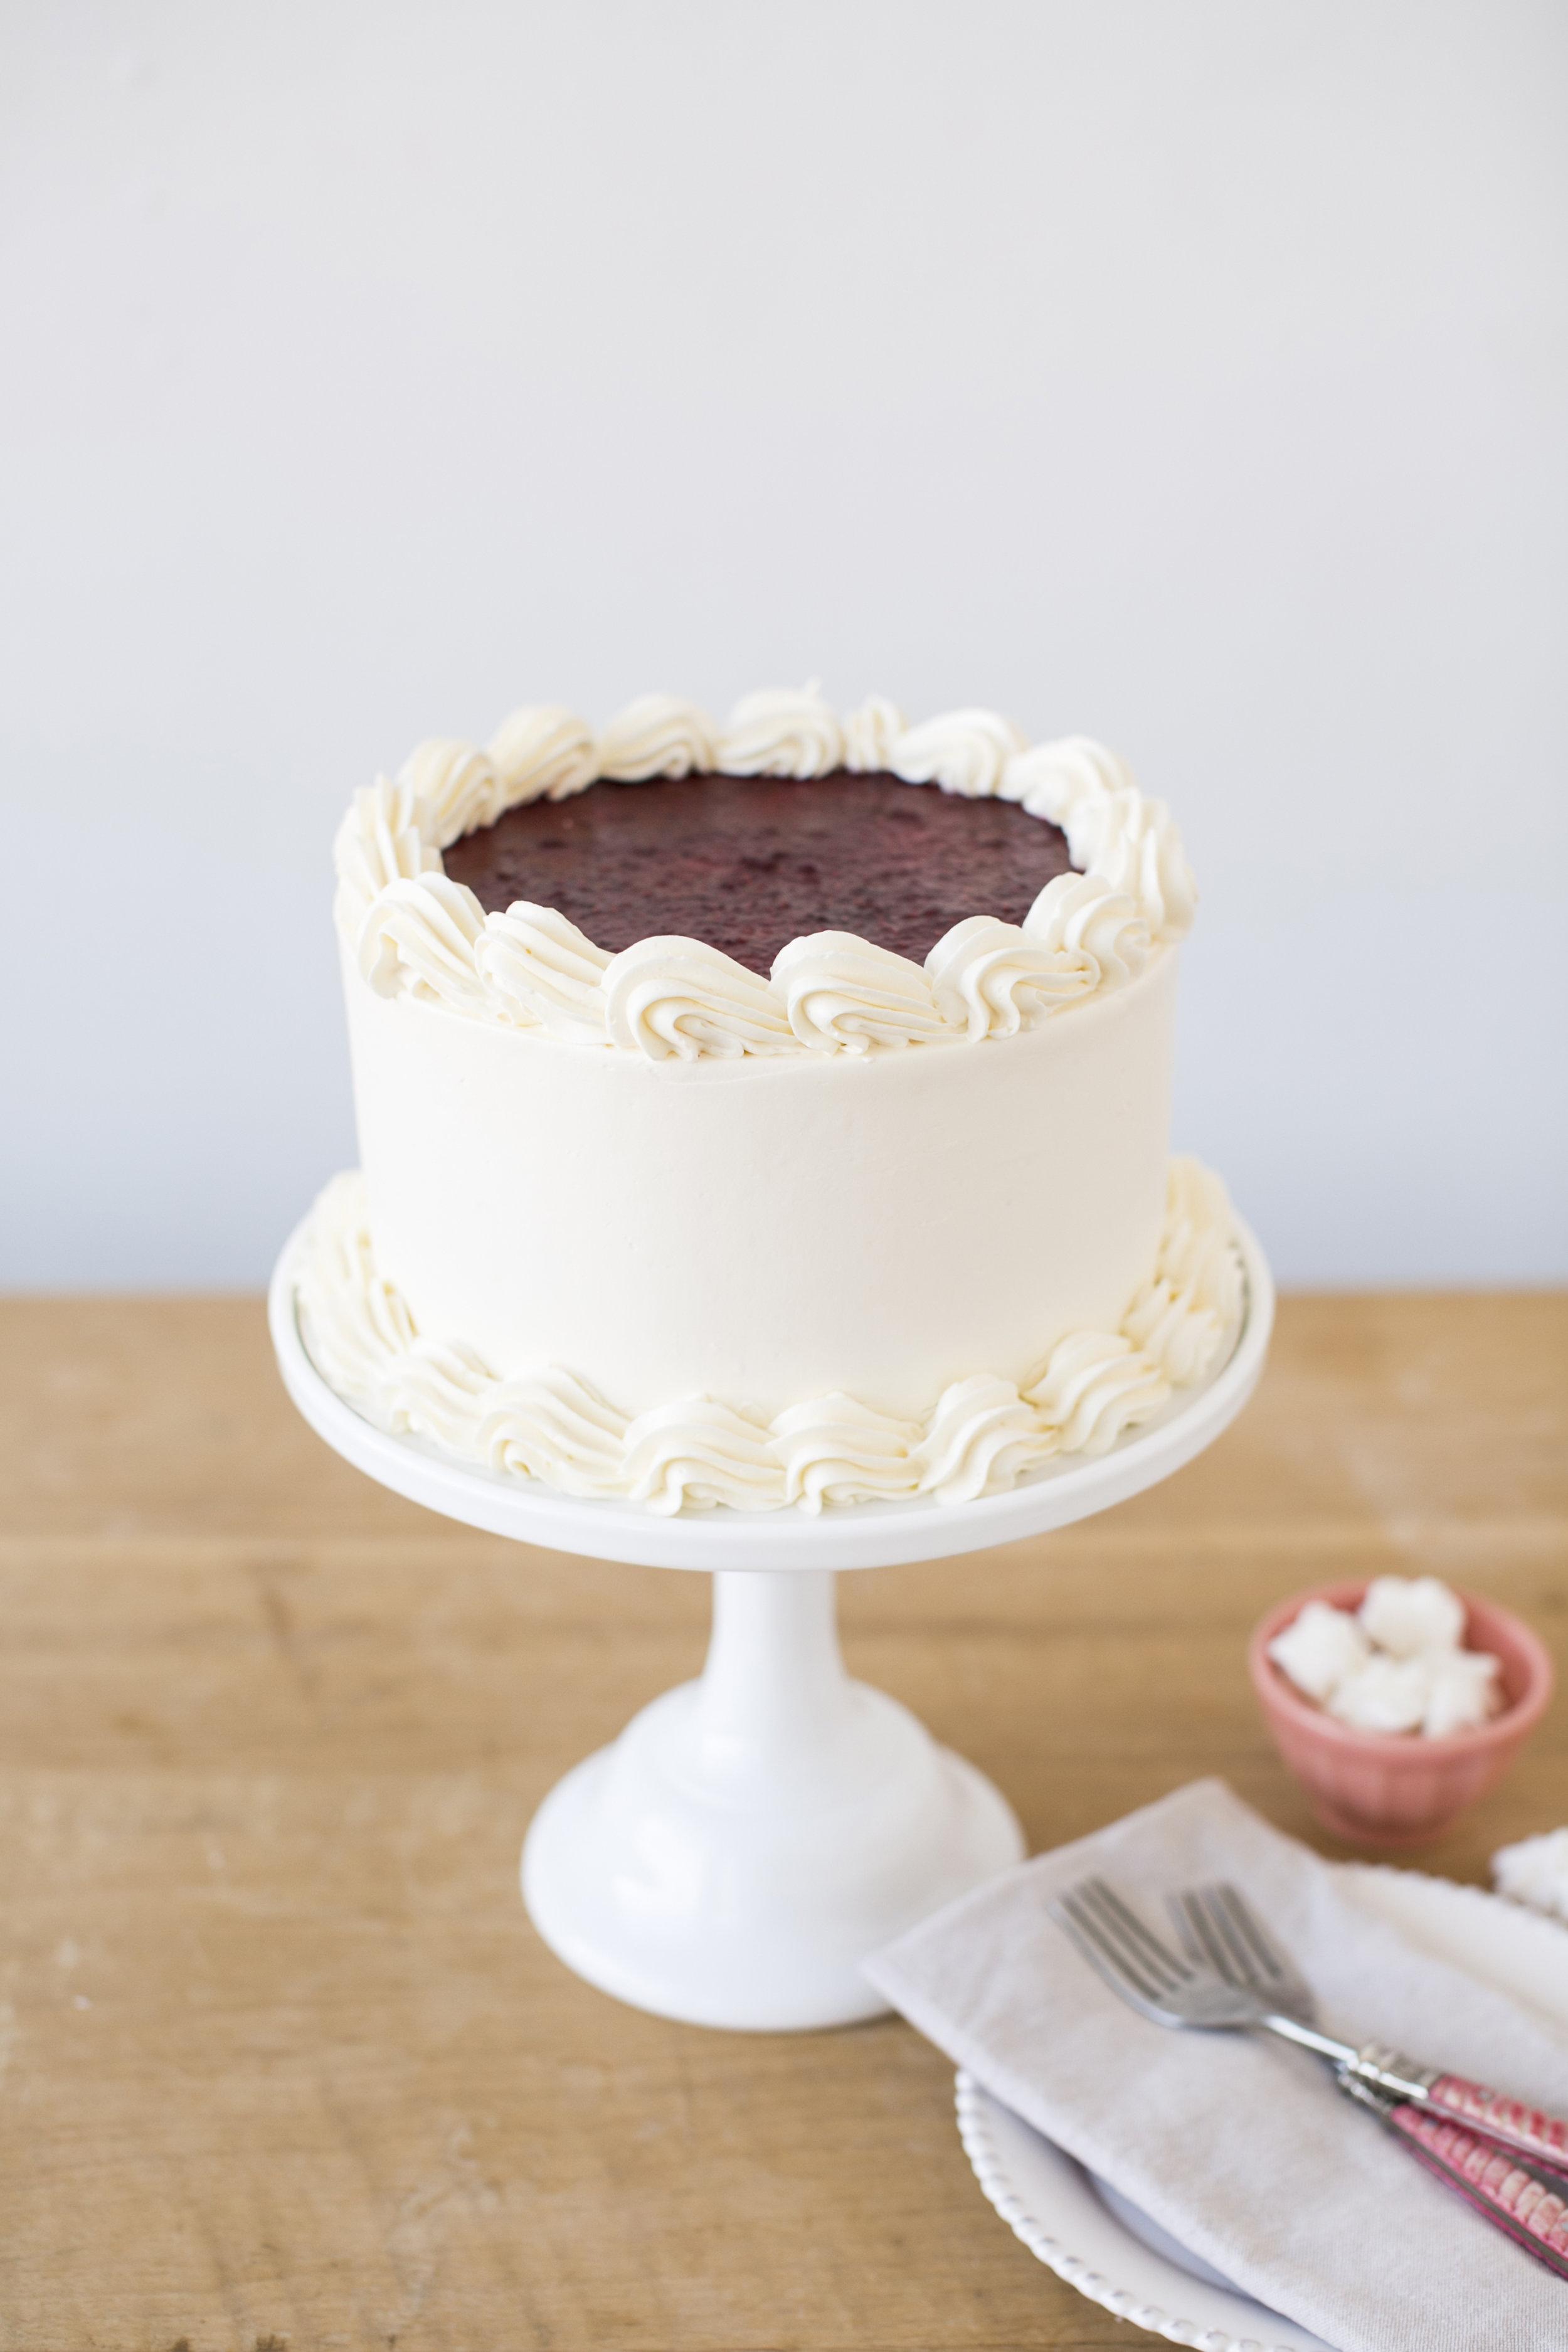 Chocolate Raspberries   Chocolate cake, with ganache and raspberry filling, vanilla buttercream   $50